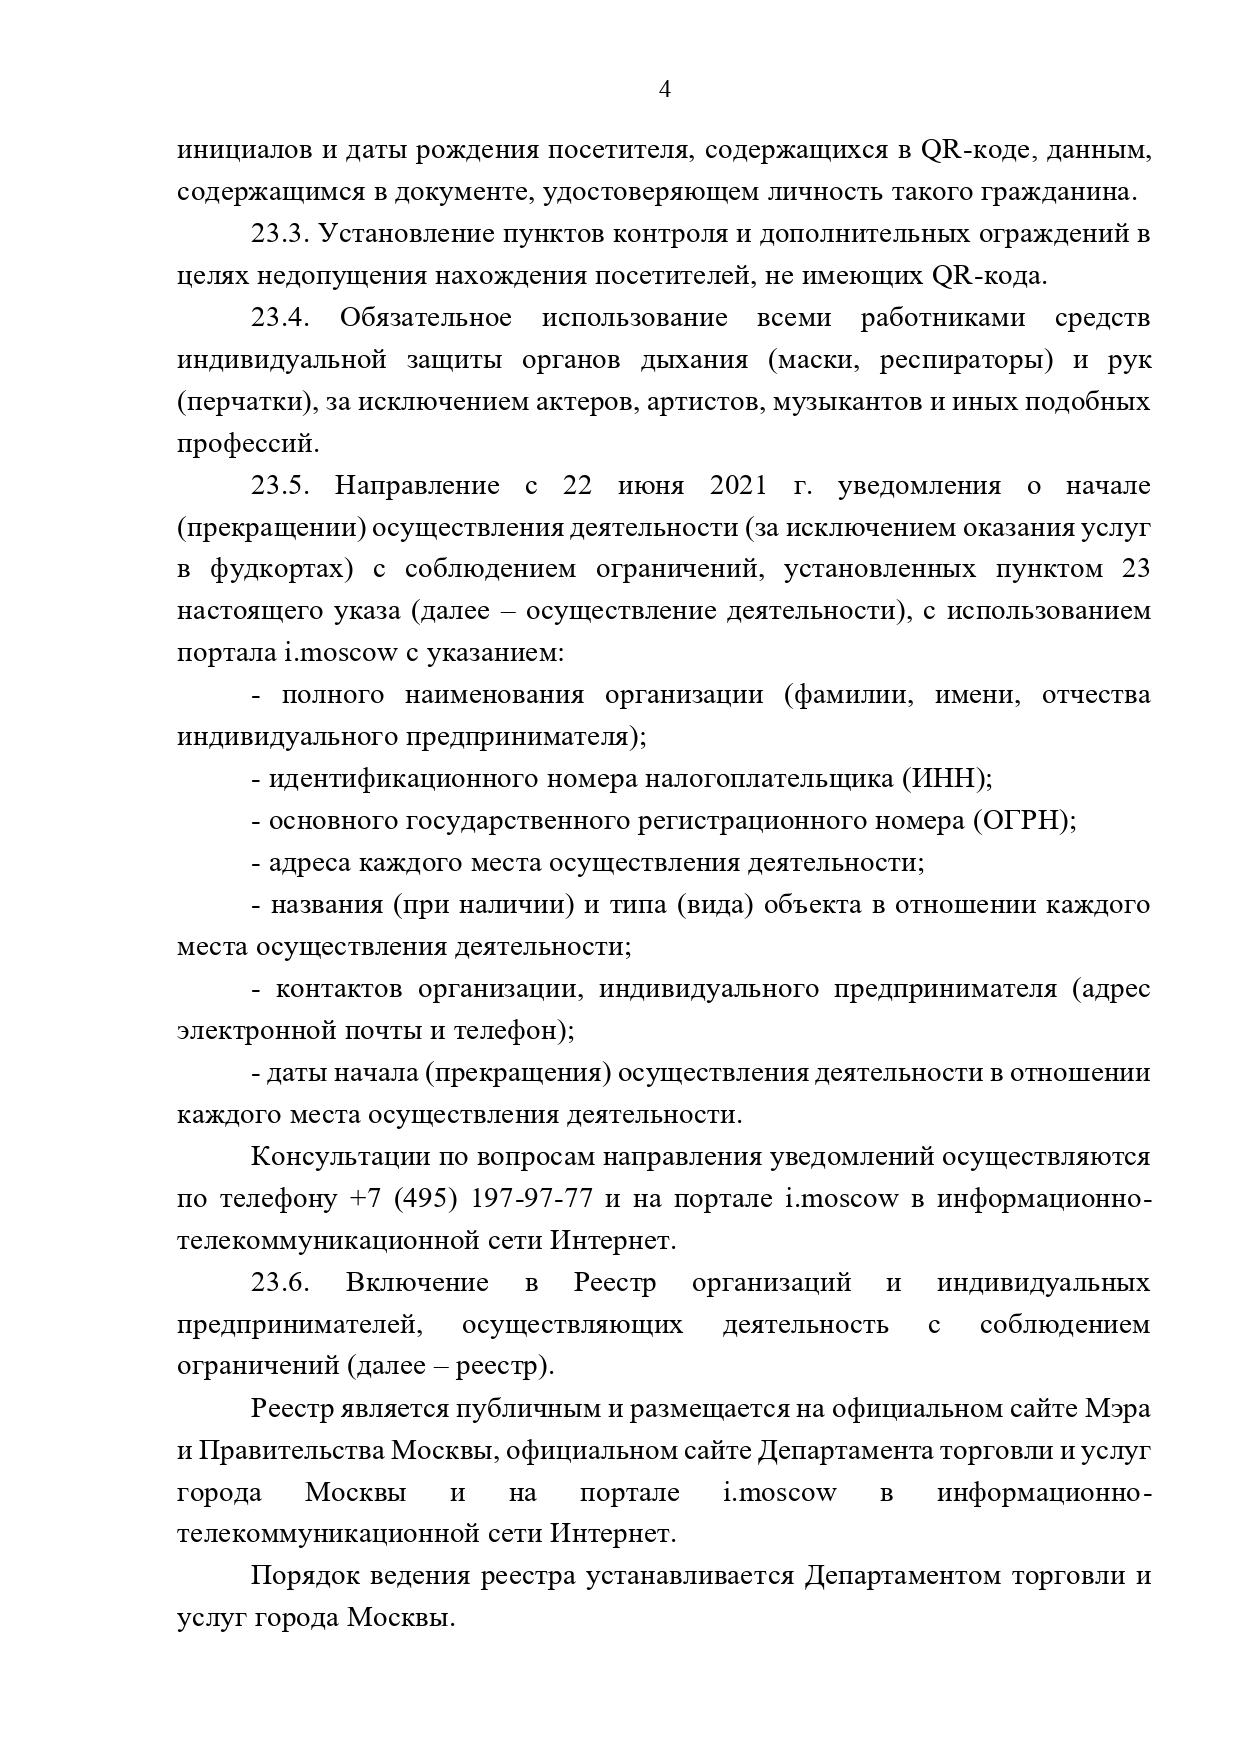 Указ Мэра Москвы Собянина С.С. от 22 июня 2021 г. (22.06.2021) No 35-УМ 4